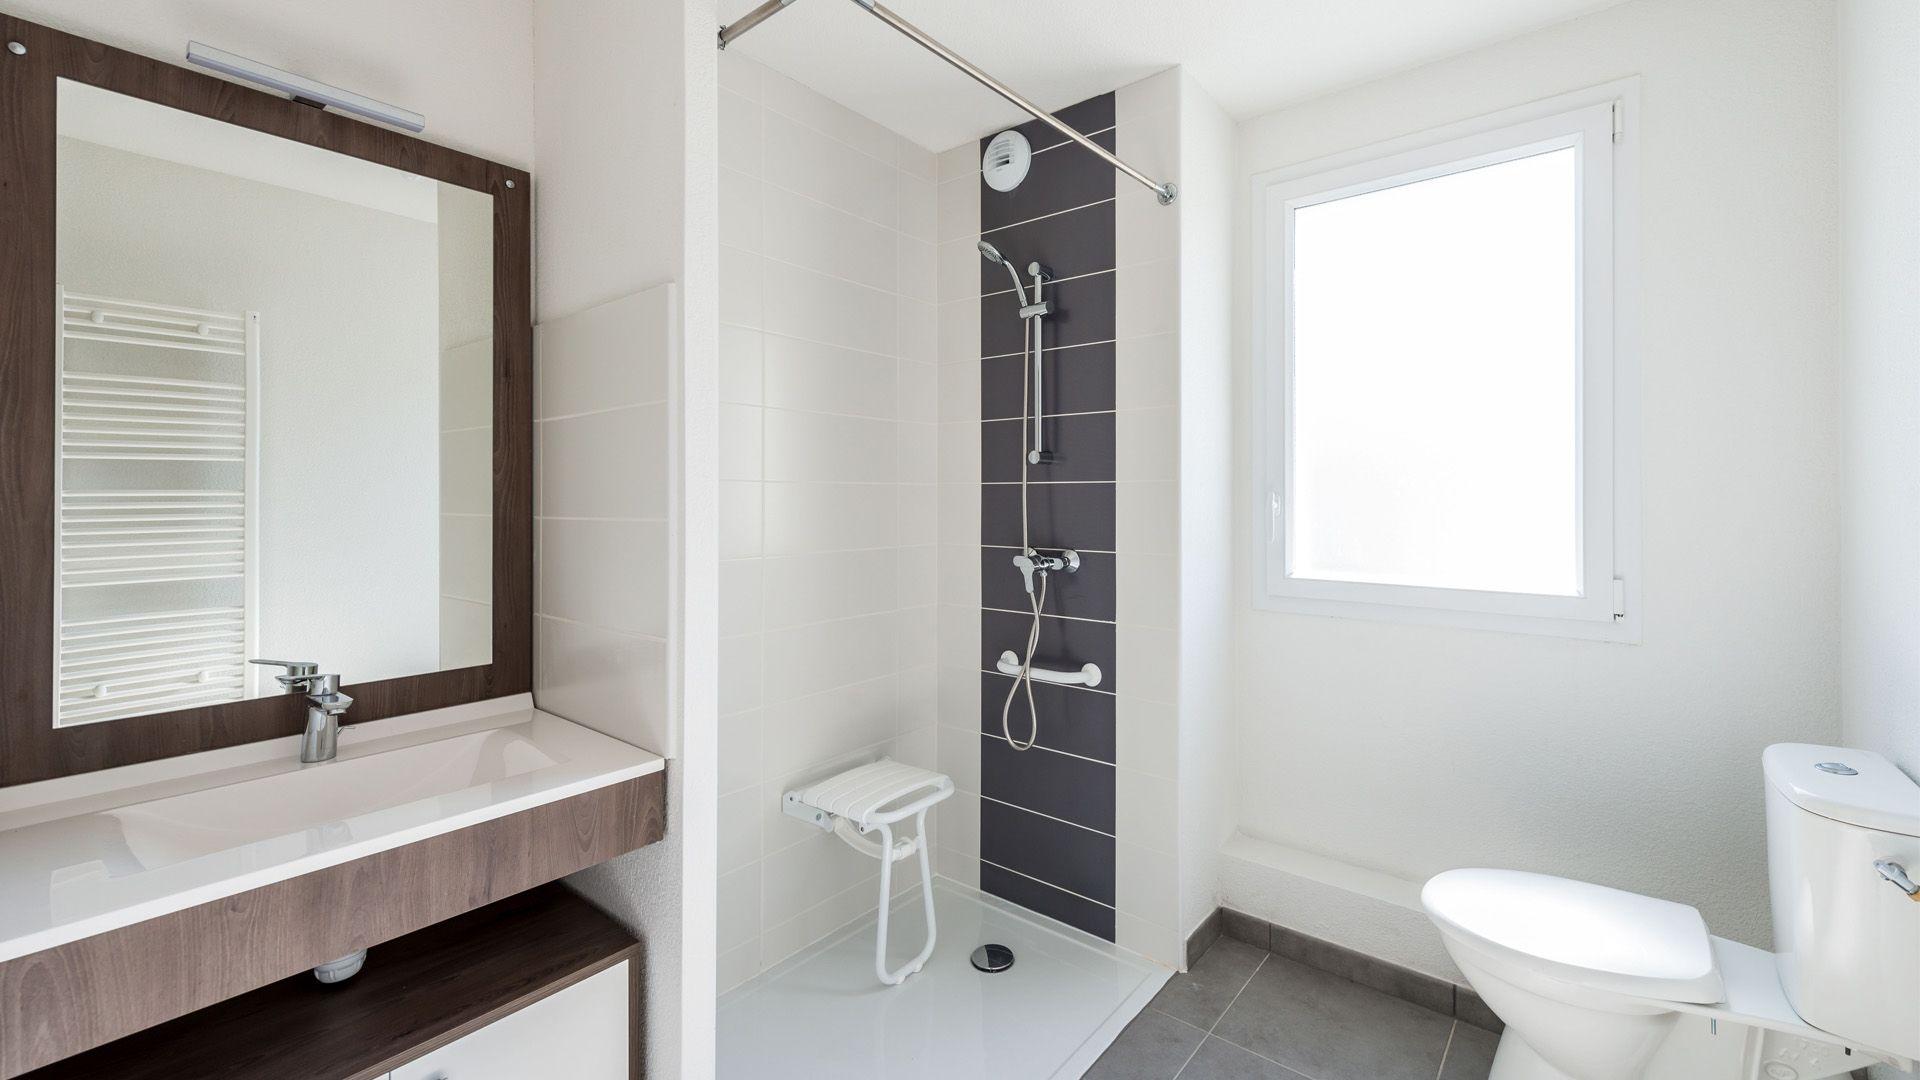 Seuil-architecture-residence-senior-Salle-bain-slid